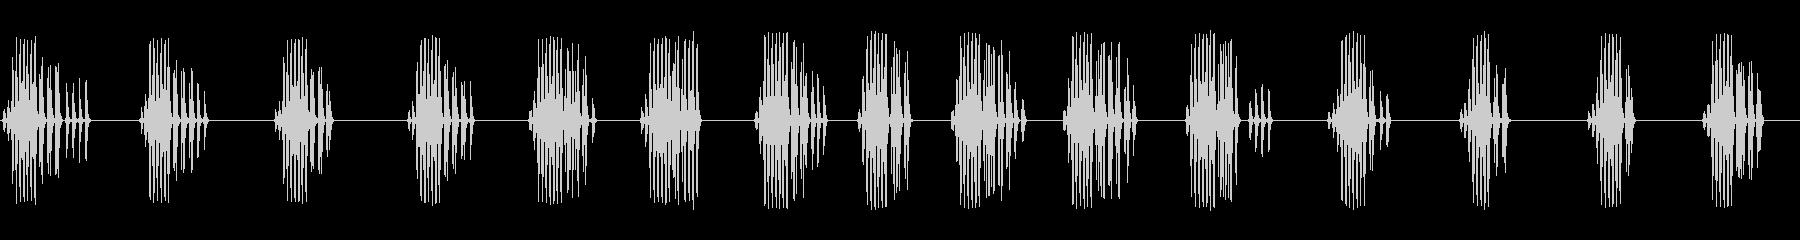 エンマコオロギの鳴き声の未再生の波形